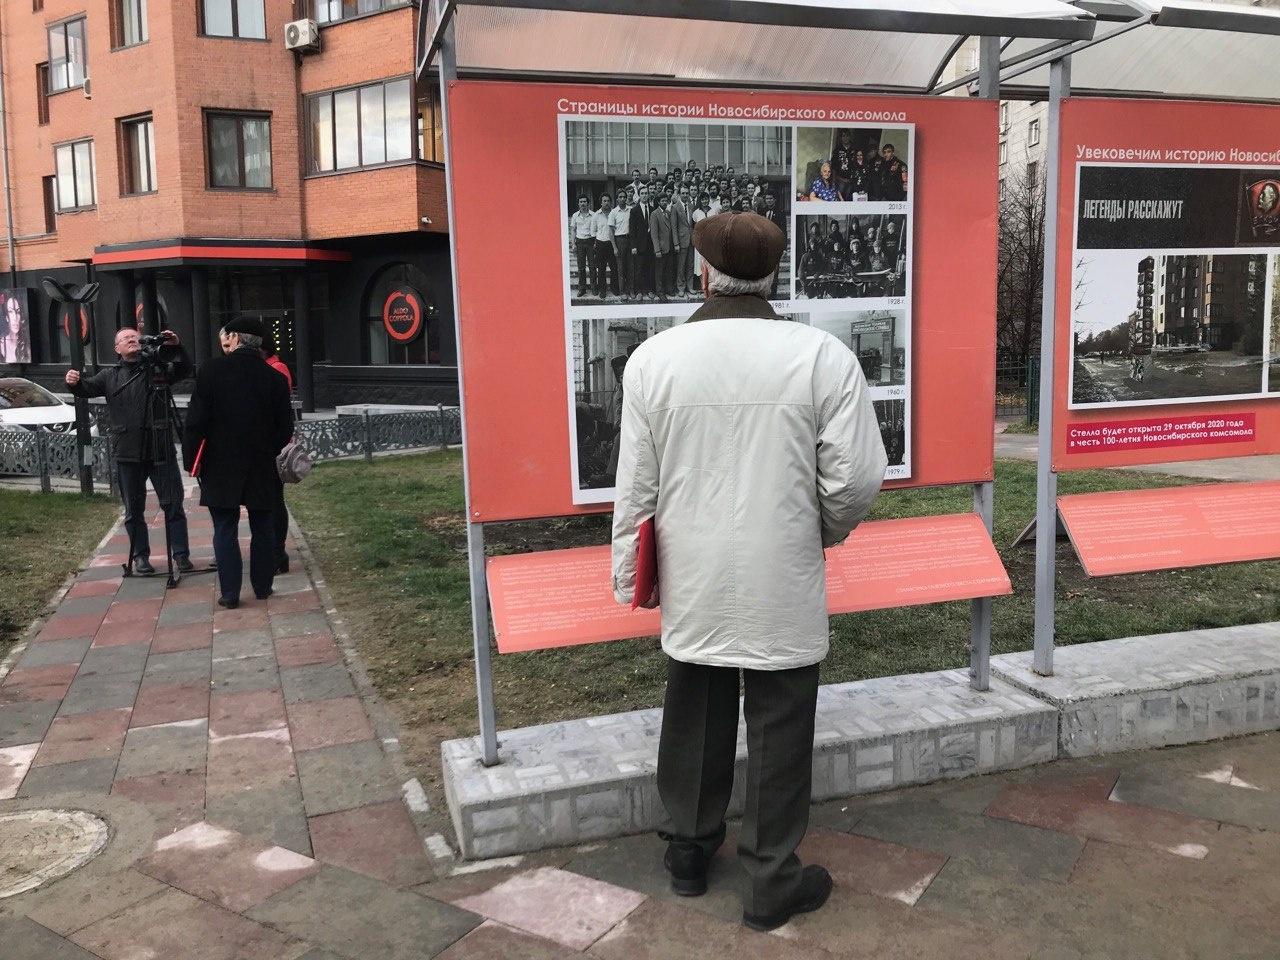 На Комсомольском проспекте установили и щиты с информацией о новосибирских комсомольцах